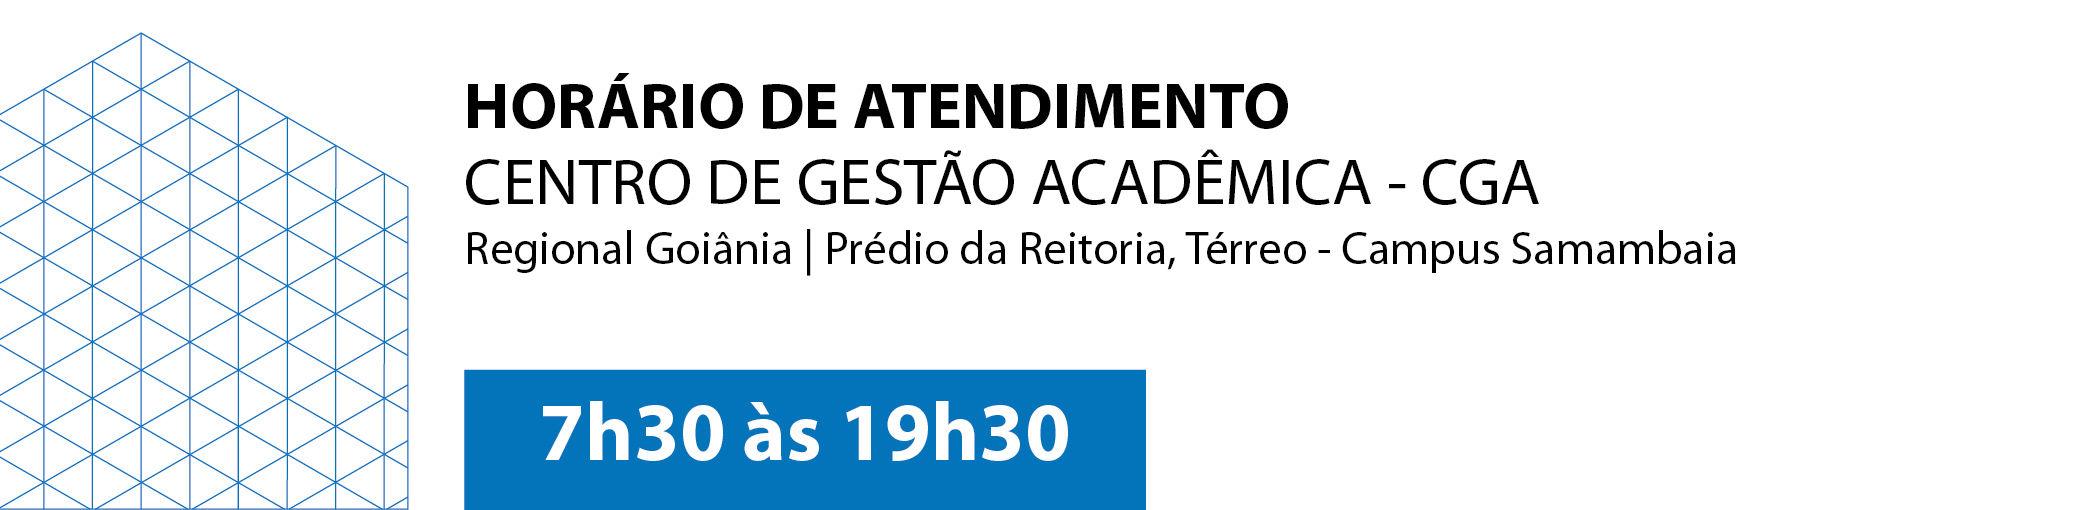 Banner CGA Horário